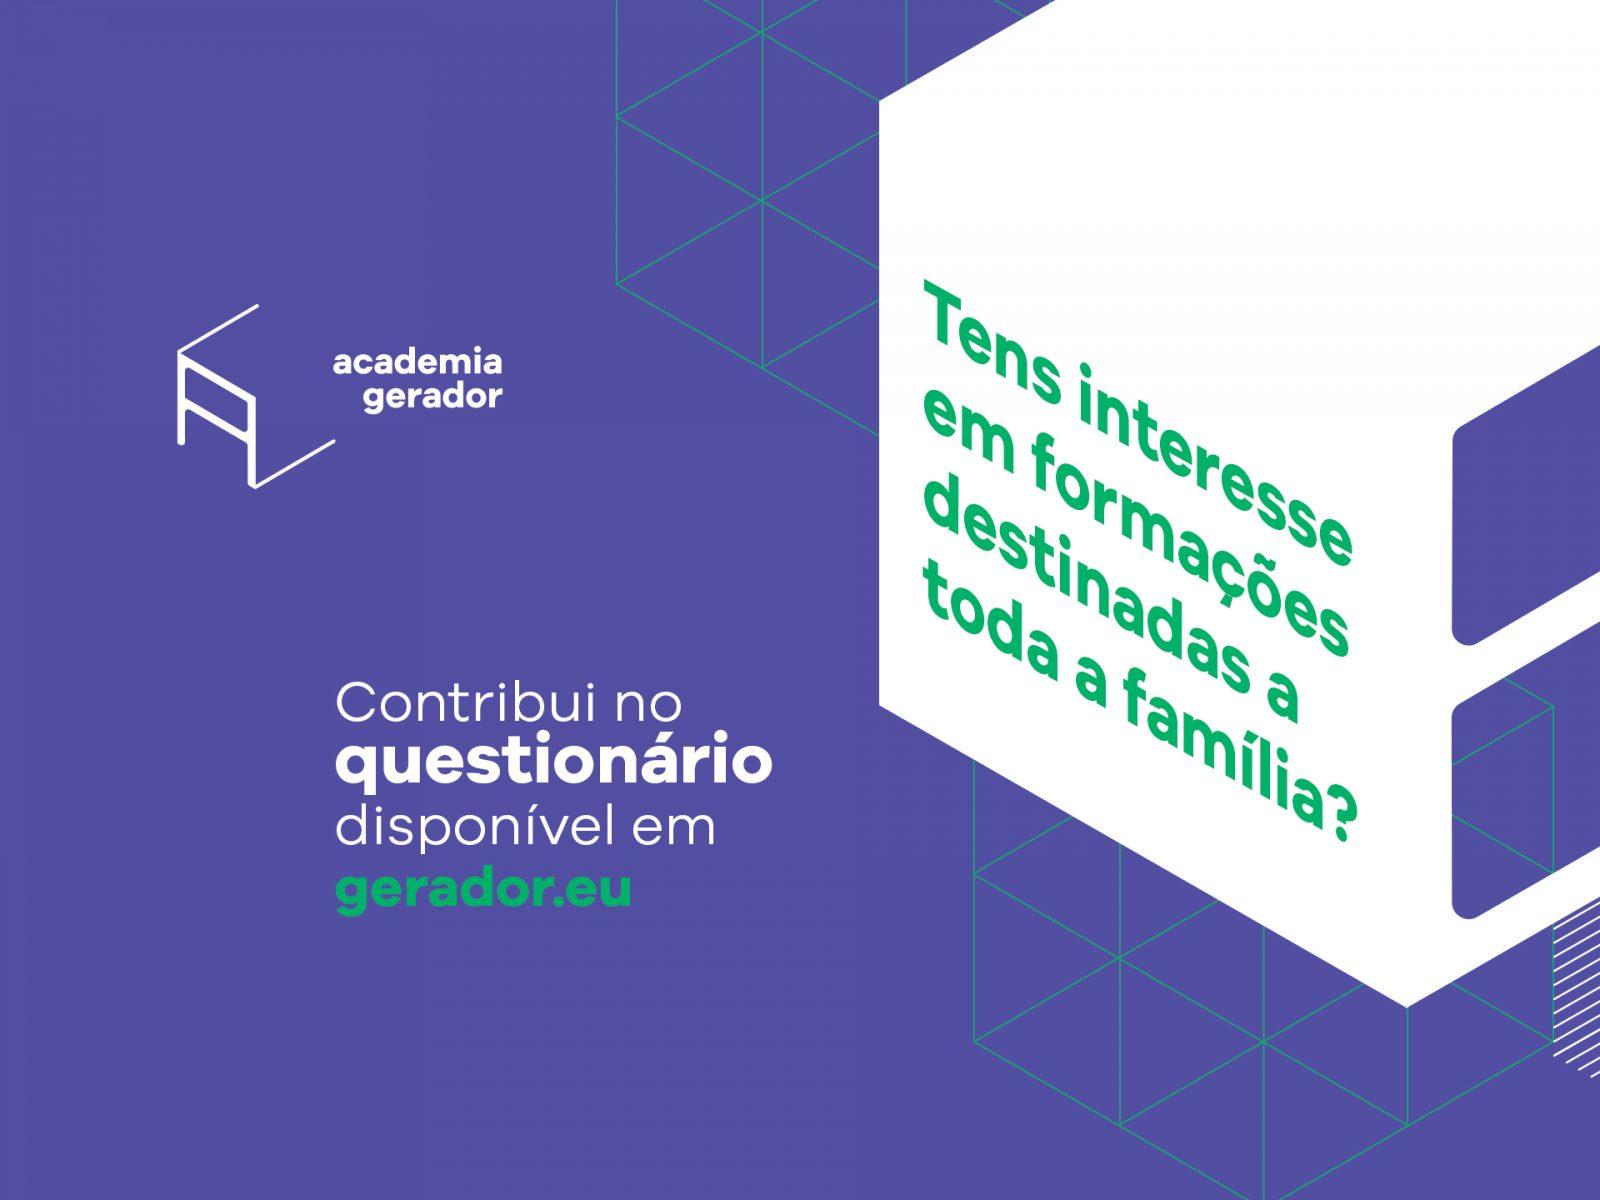 questionario_academia_gerador_oferta_formativa